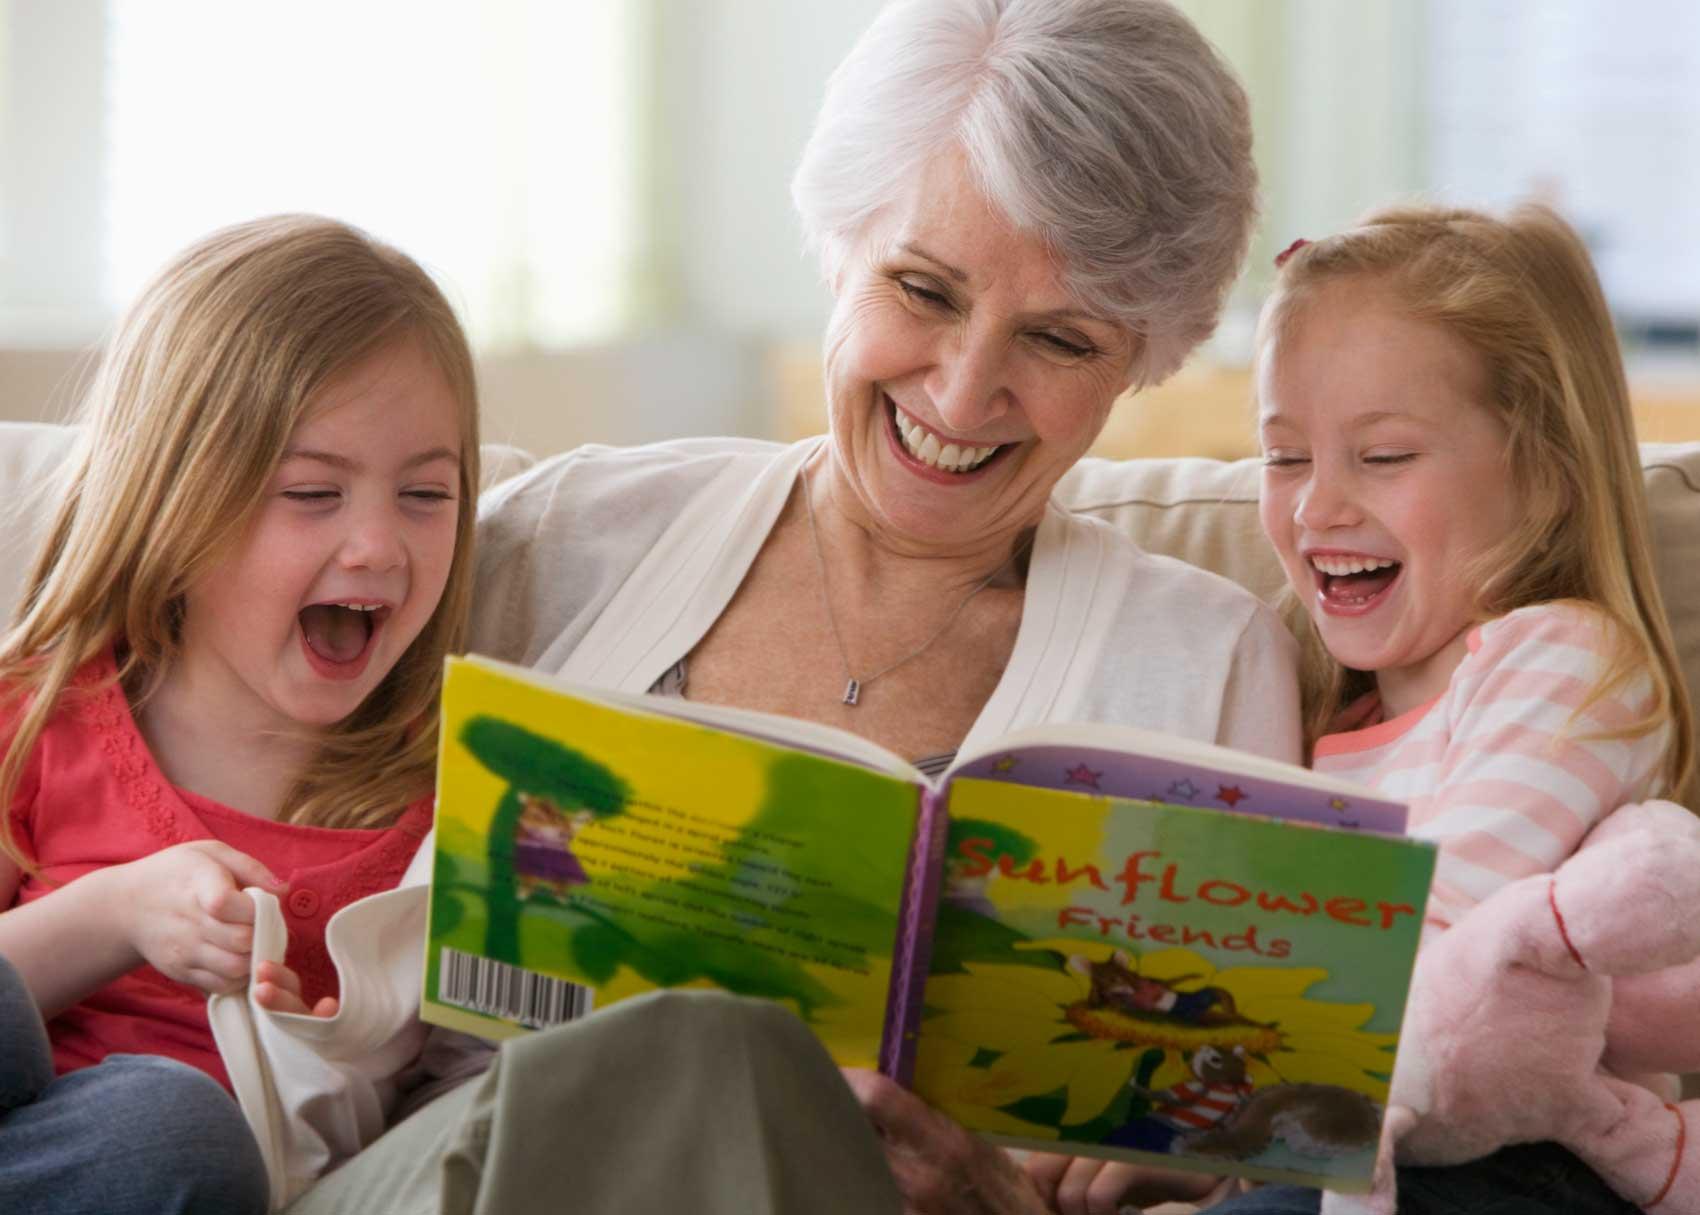 25 hoạt động giúp bé 0-11 tuổi đọc sách thật vui (P1) (Ảnh: Brightly)